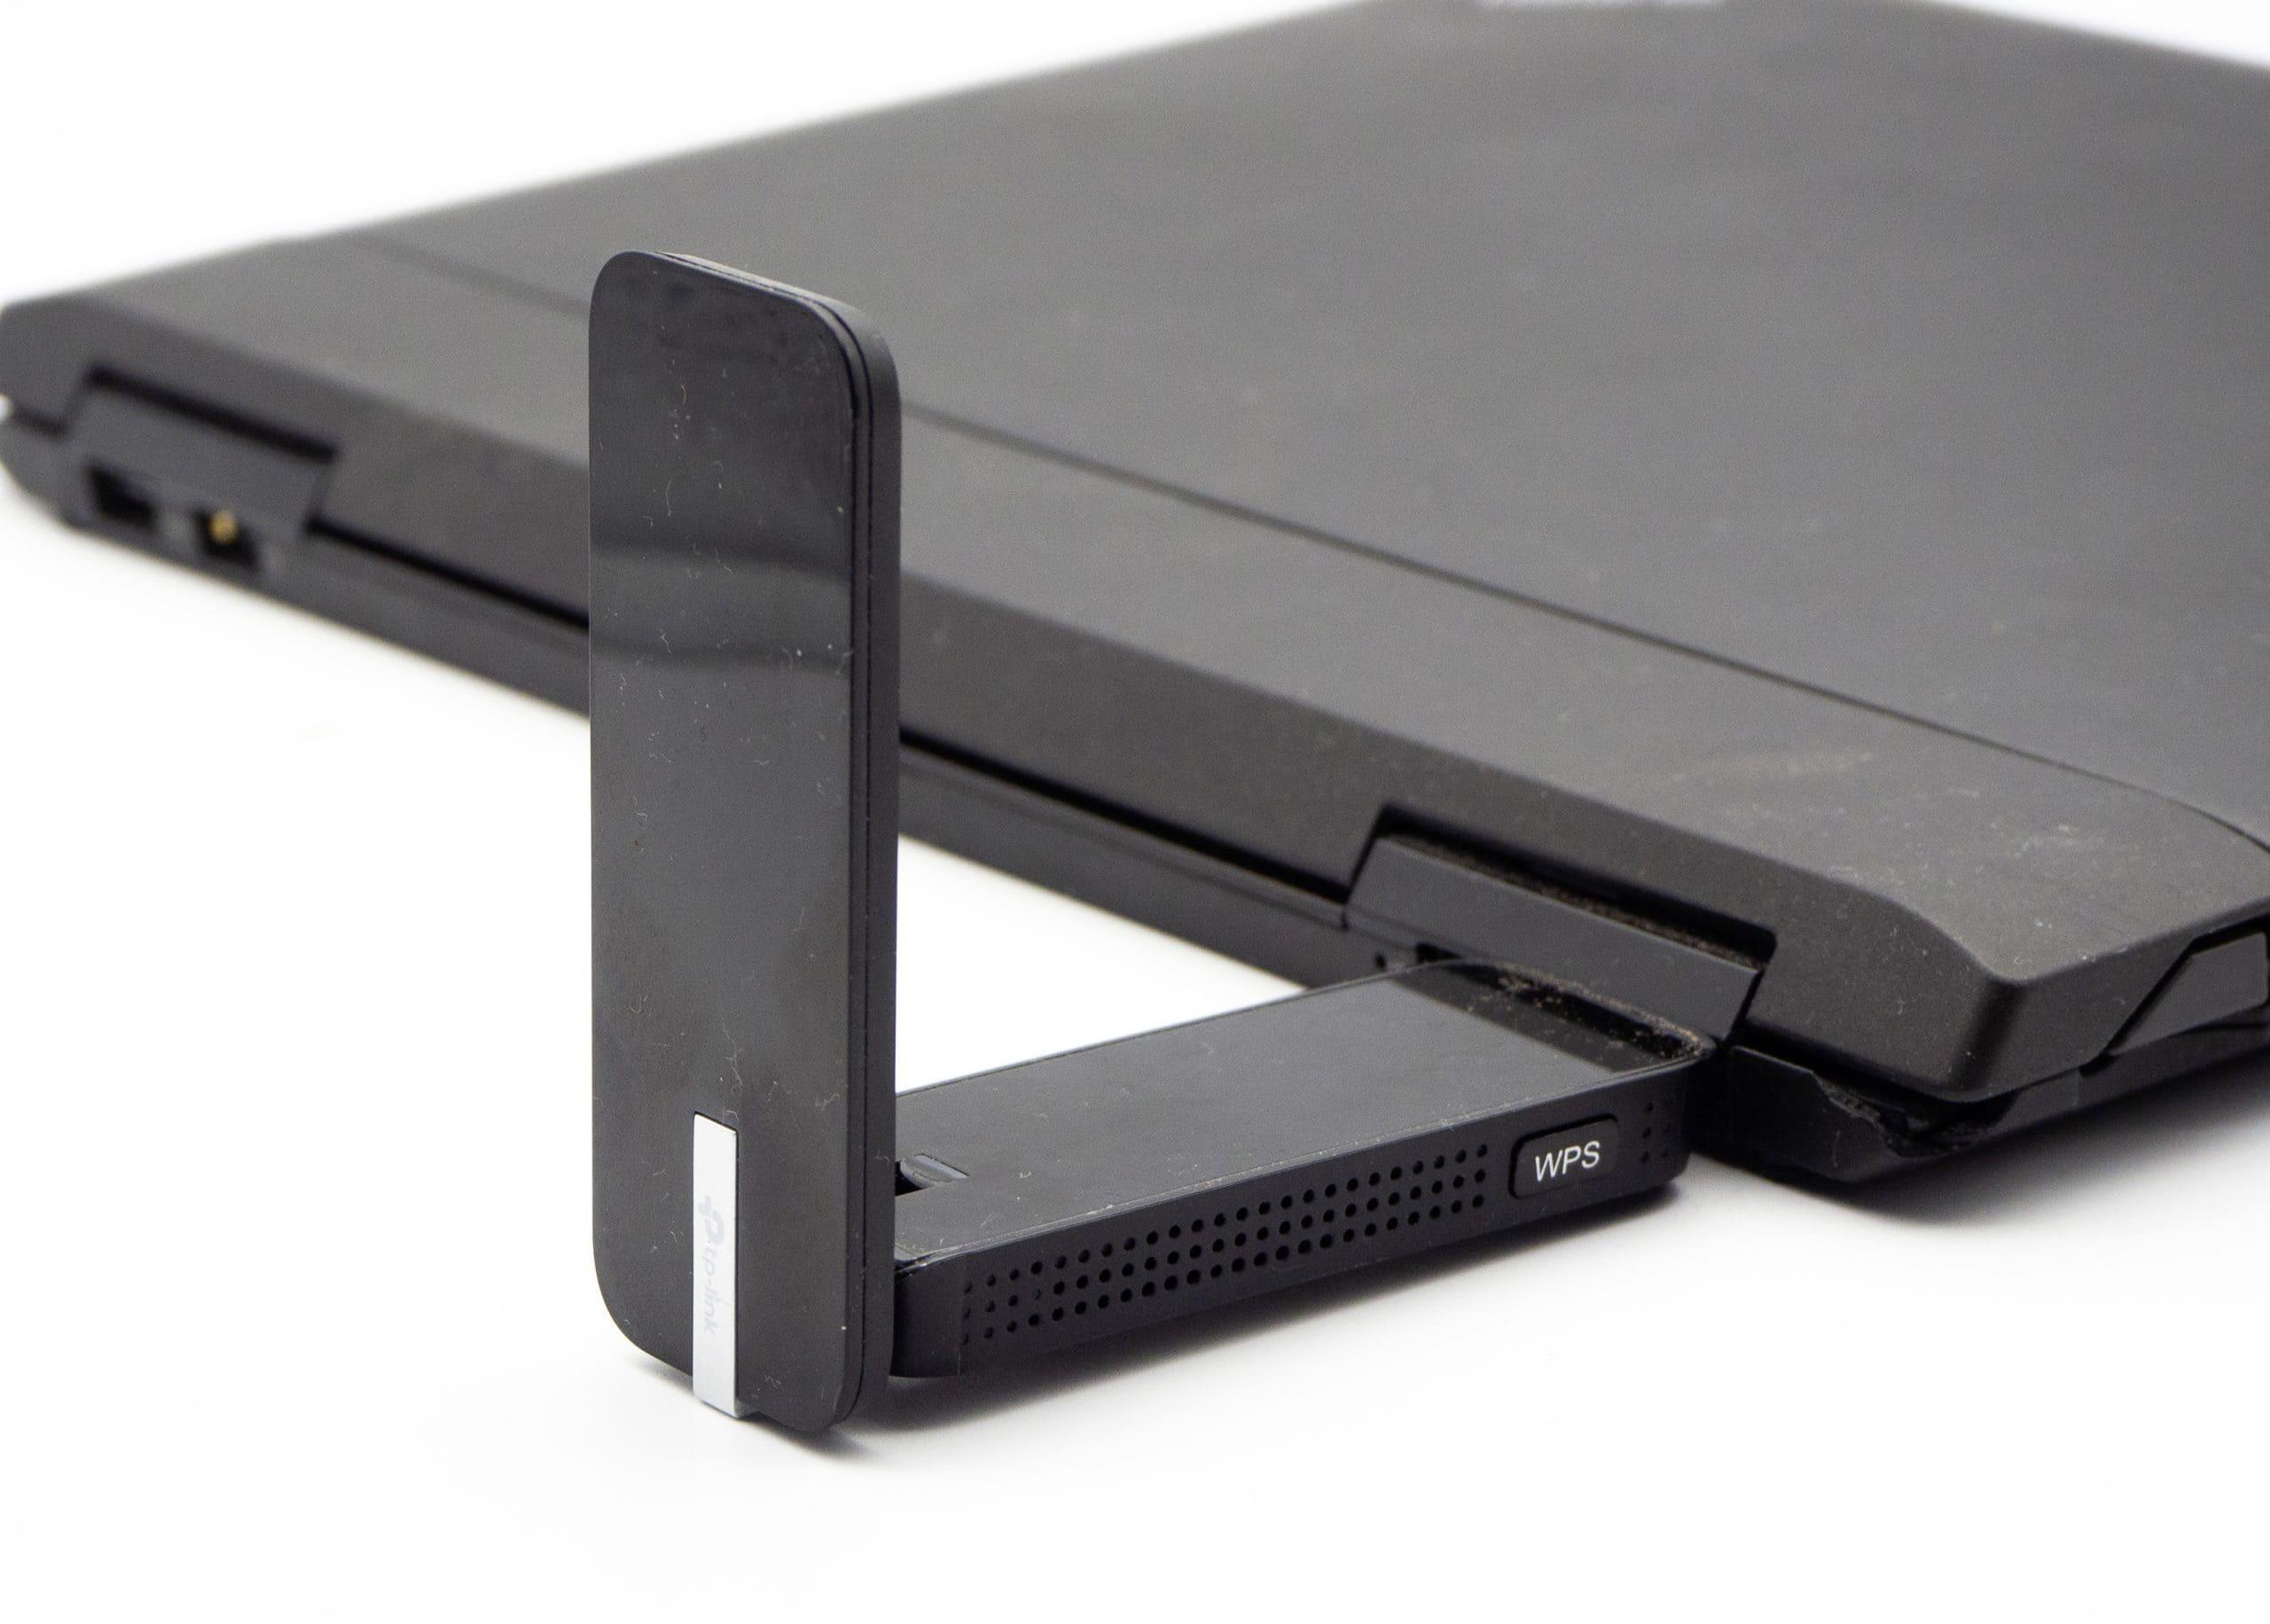 WLAN-Router mit USB-Stick nachrüsten